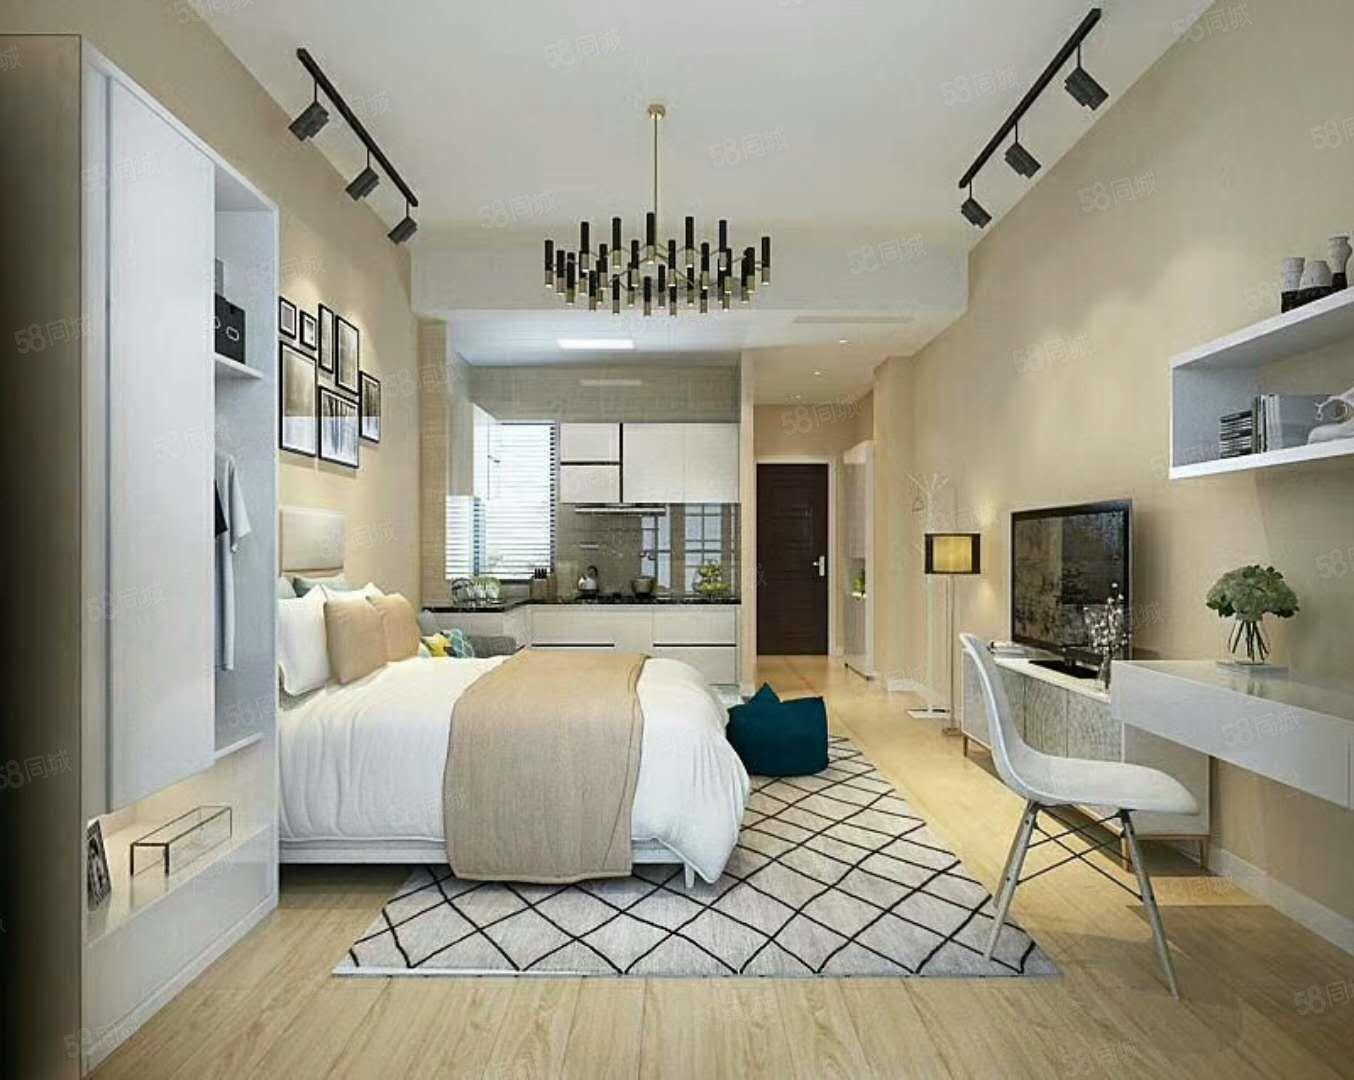 港区颐尚公馆精装公寓,6800平,准现房,可分期,不限购贷